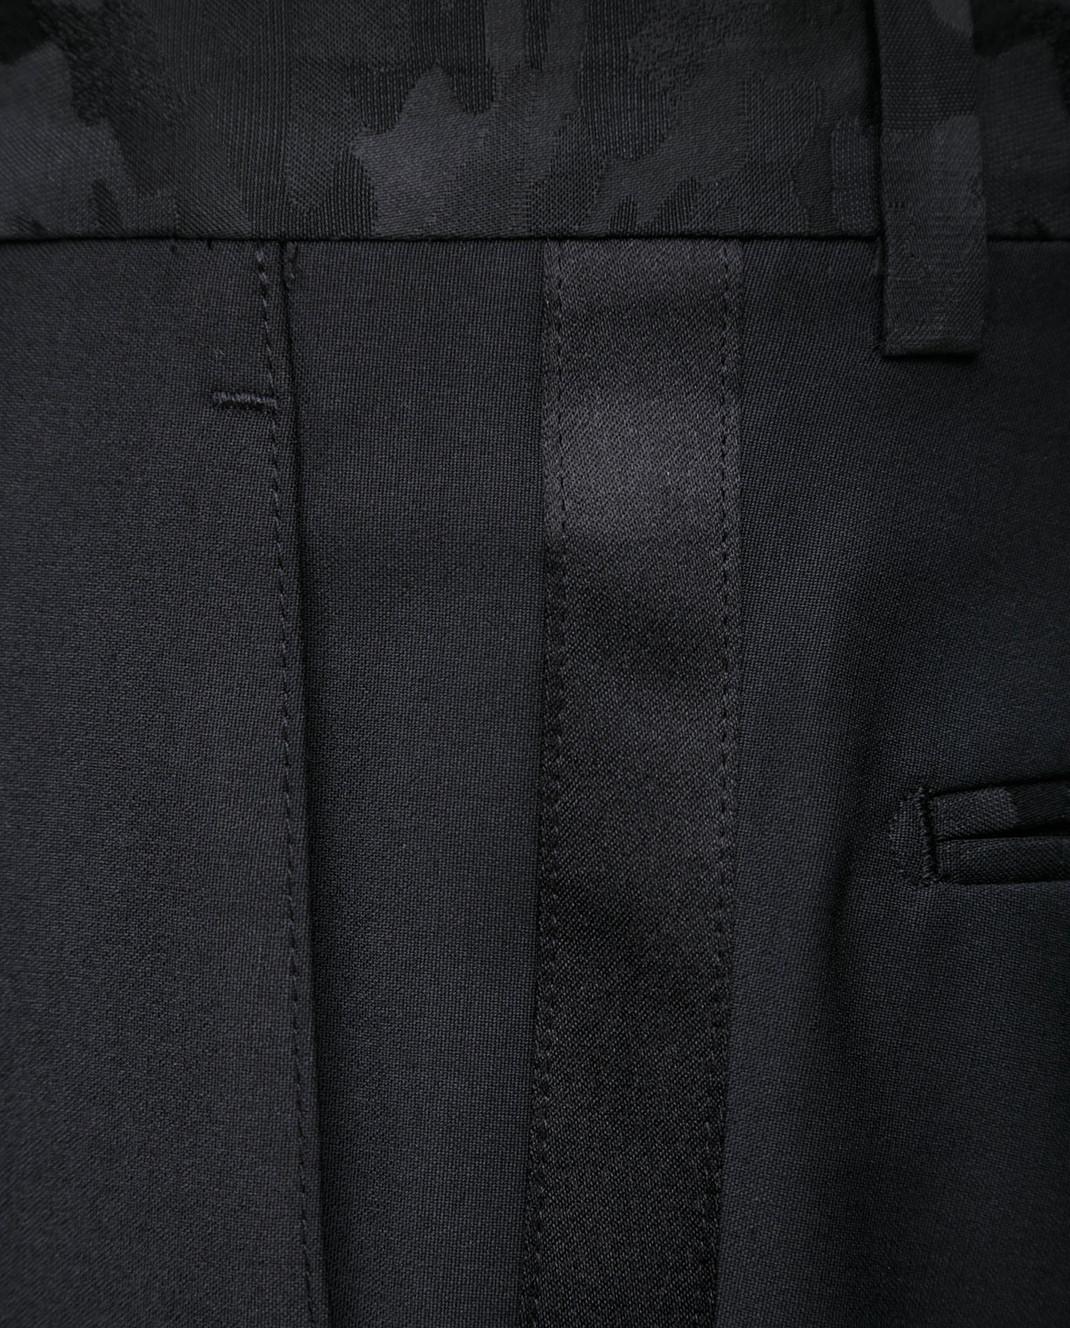 Billionaire Черные брюки MRT0320 изображение 5